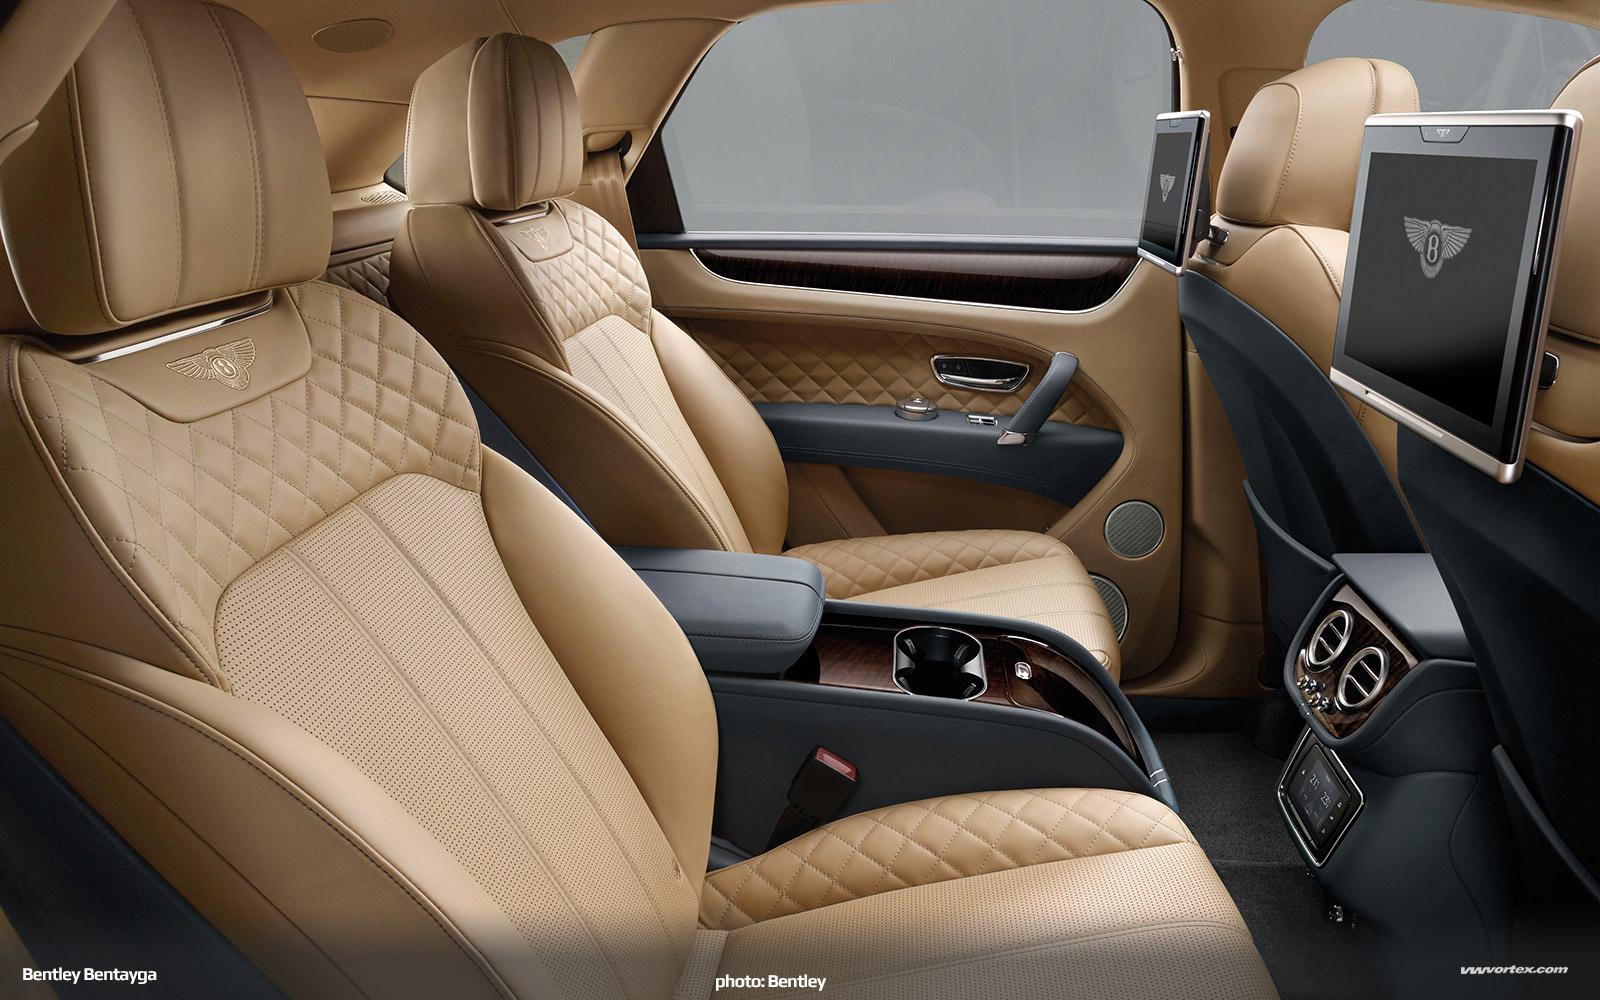 Bentley-Bentayga-SUV-crossover-2016-446